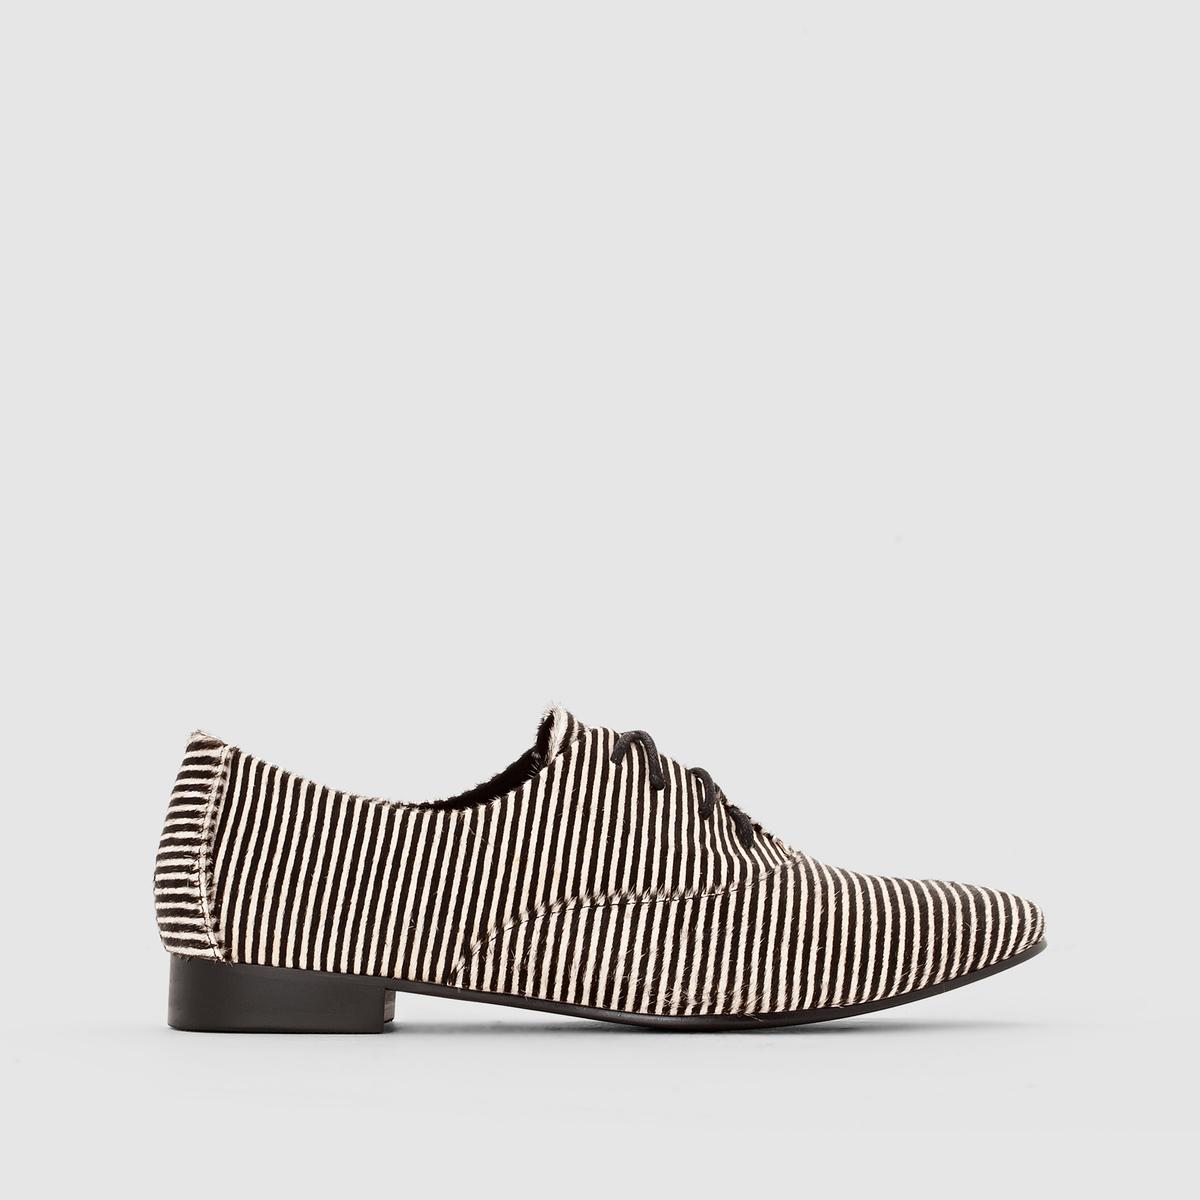 Ботинки-дерби с ворсом и узором в полоскуПреимущества : уникальный стиль и сверх-комфорт этих ботинок-дерби не перестают удивлять нас в этом сезоне.<br><br>Цвет: в полоску белый/черный<br>Размер: 37.38.42